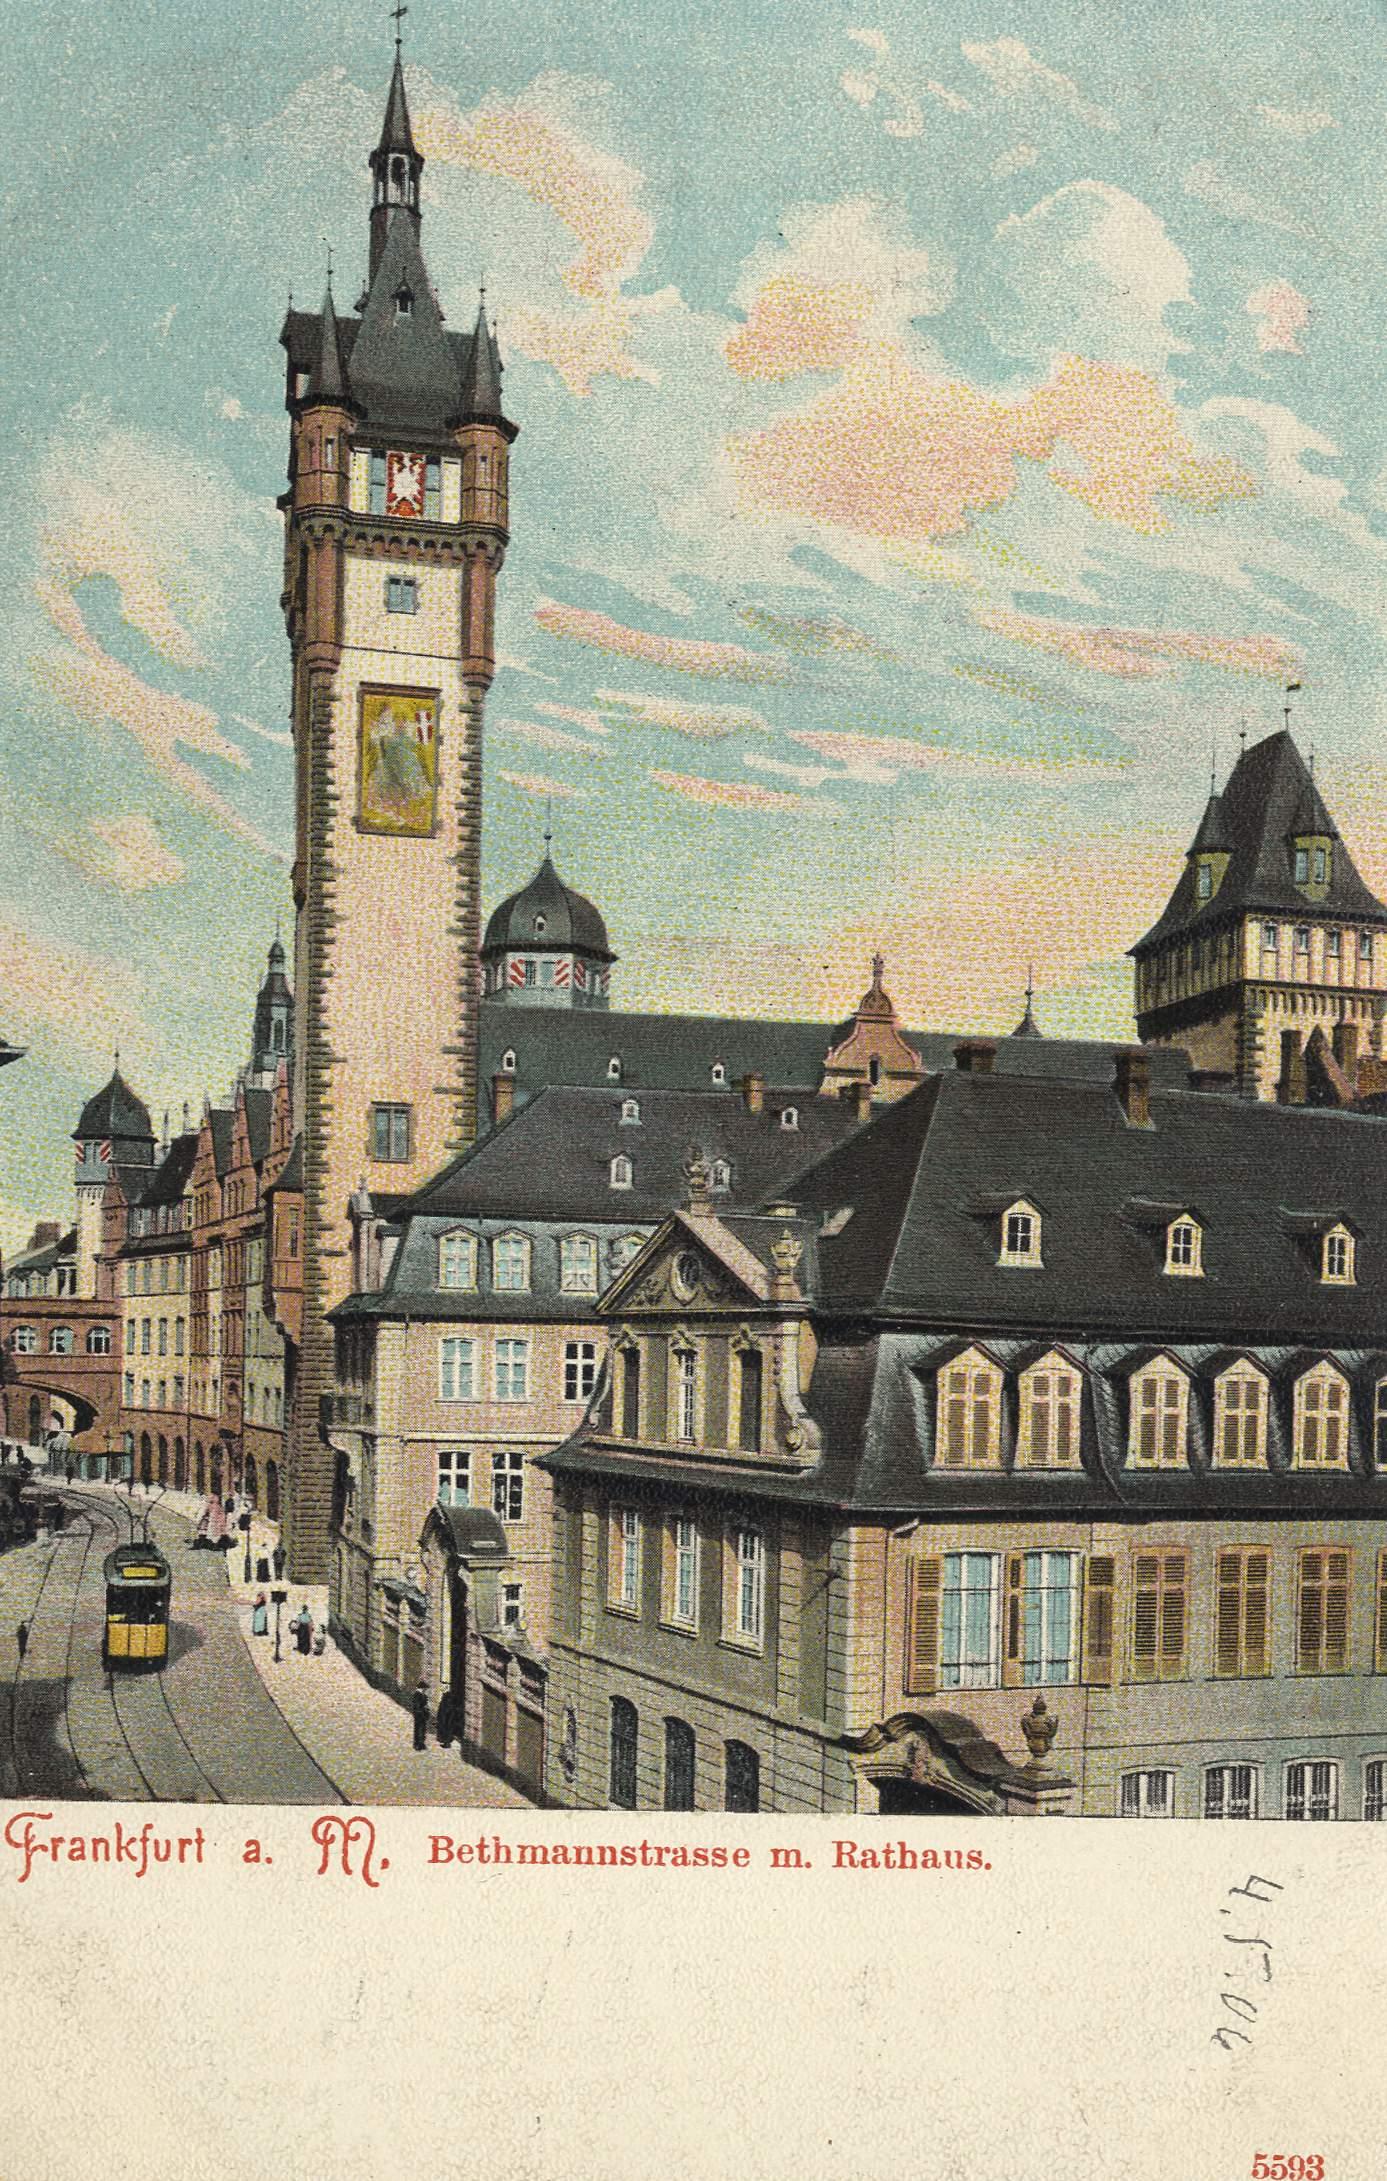 Langer Franz Frankfurt